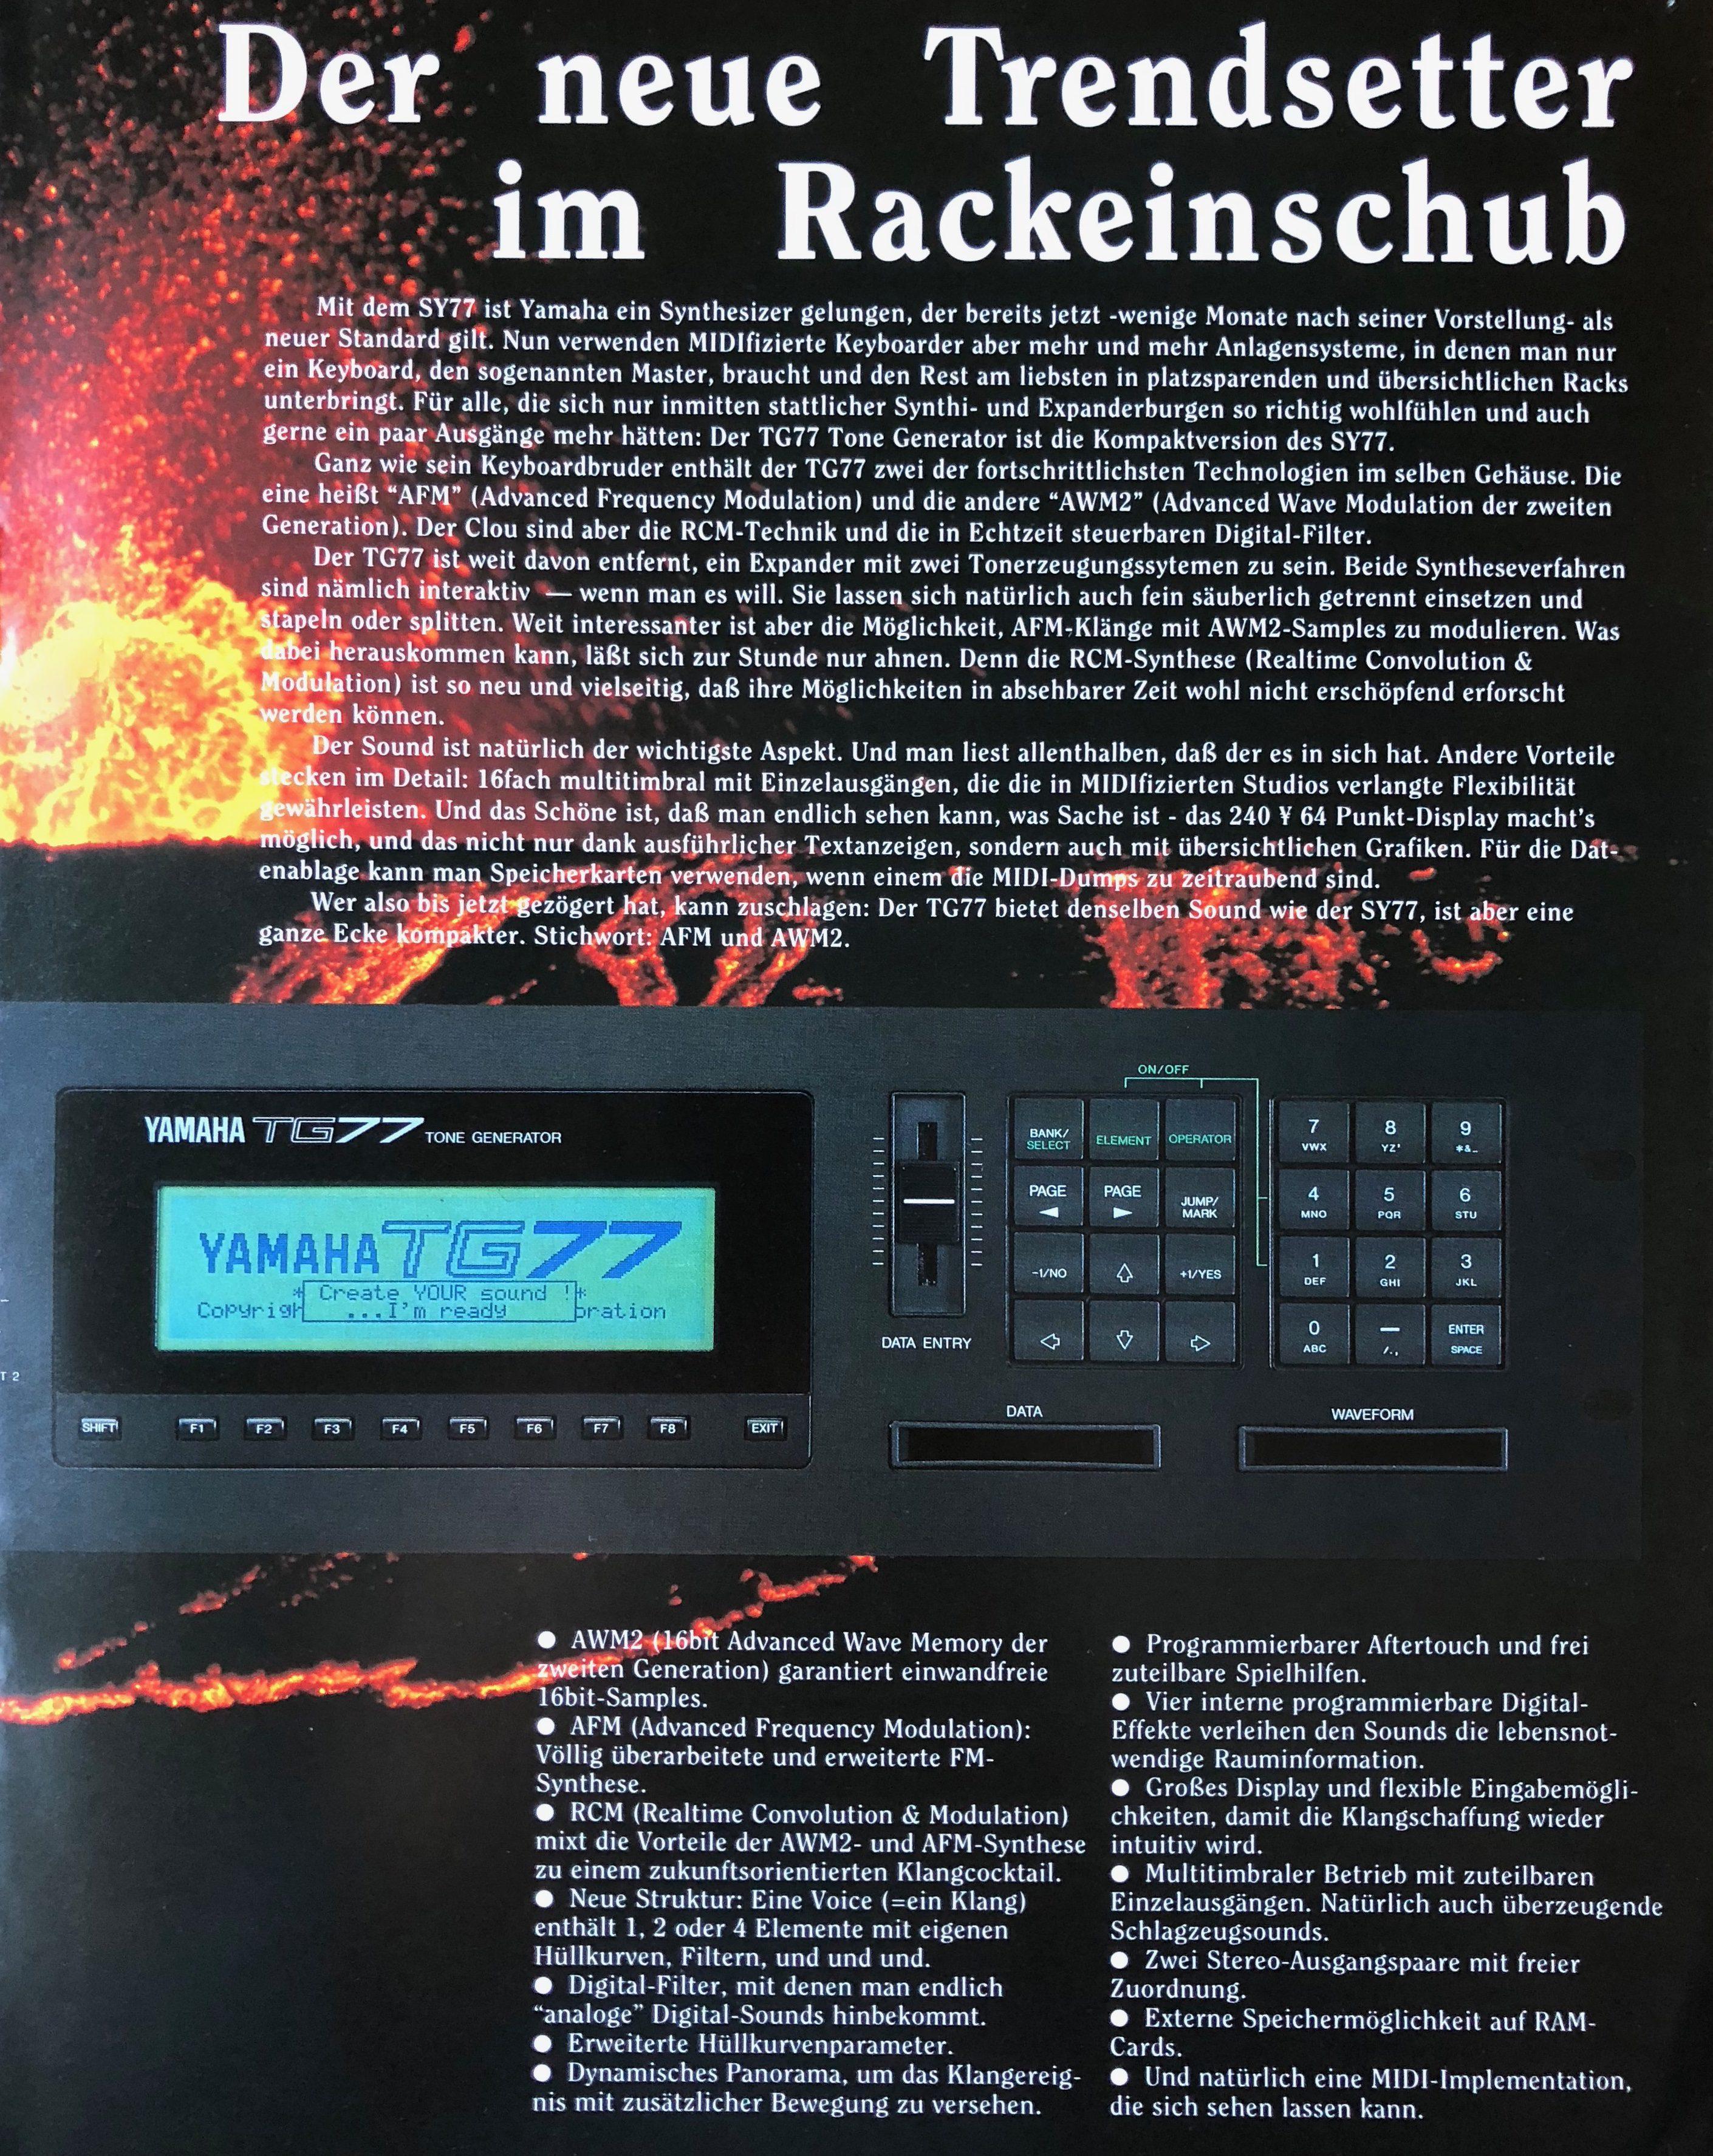 Green Box: Yamaha SY77, TG77 und SY99 - AMAZONA de